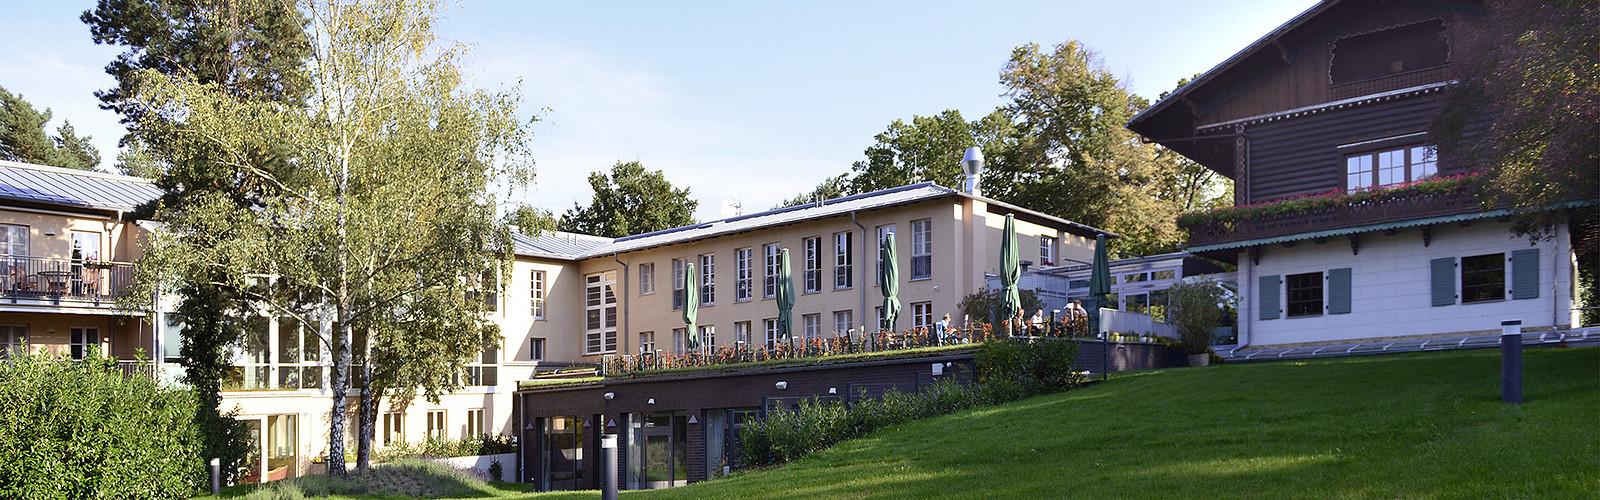 exterior view Hotel Bayrisches Haus (c) Frenkelson